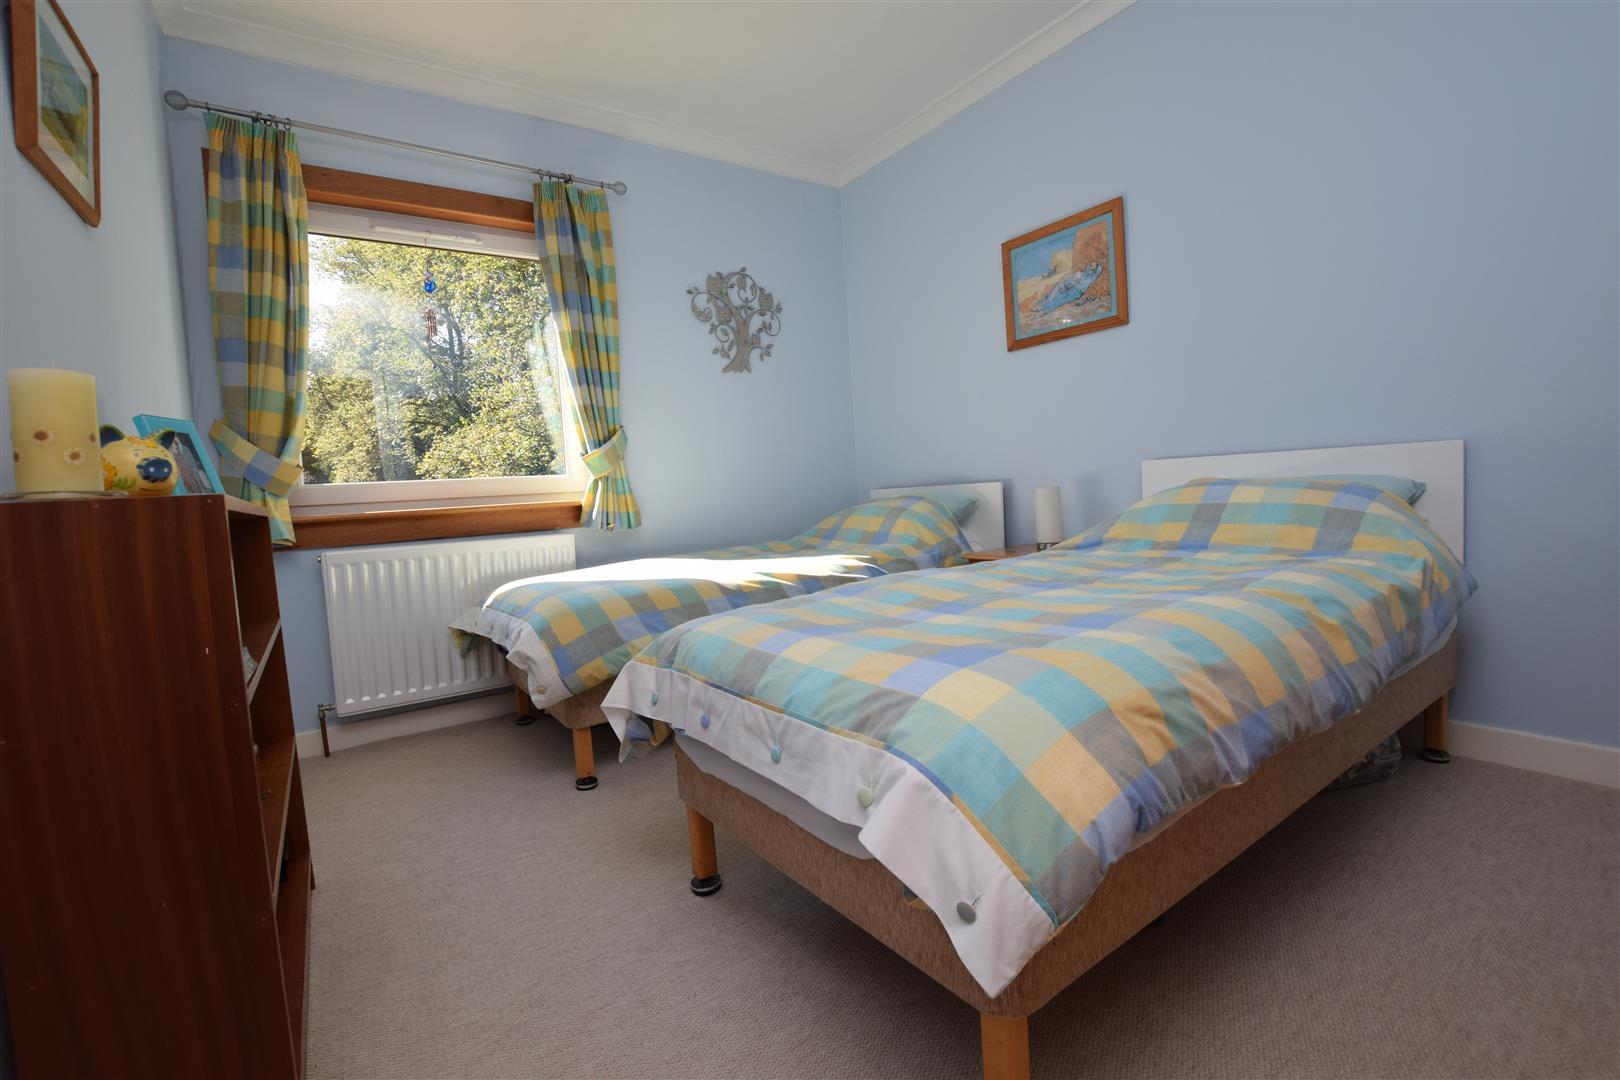 Craigie Falls House, Craigie Knowes Road, Perth, Perthshire, PH2 0DF, UK